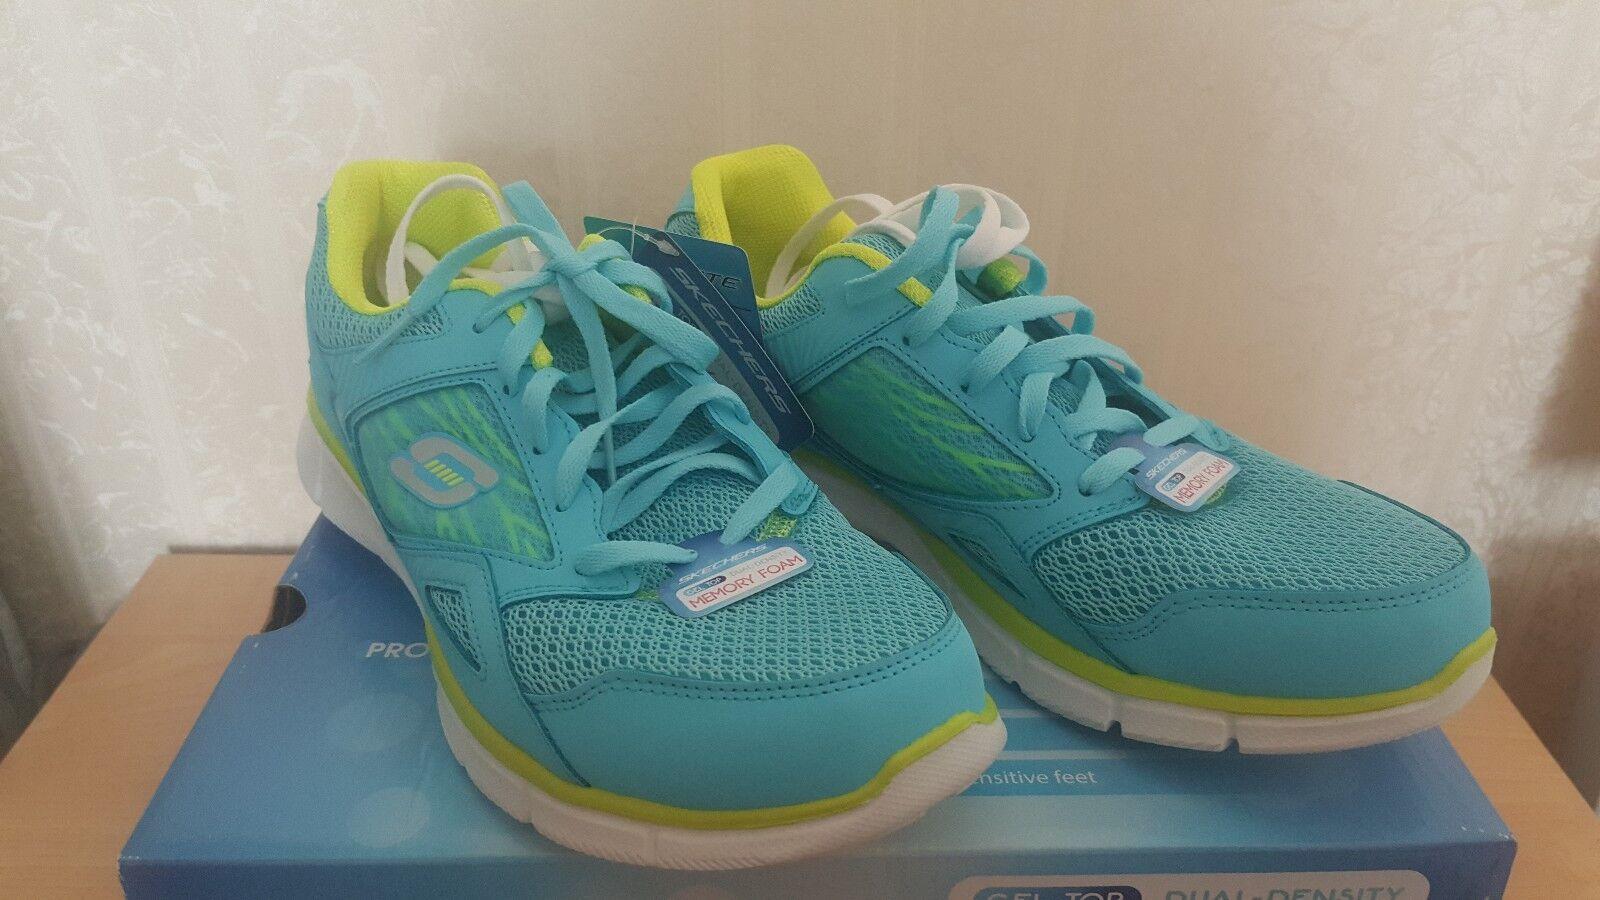 Sportschuhe SKECHERS Gr. 41 Günstige und gute Schuhe